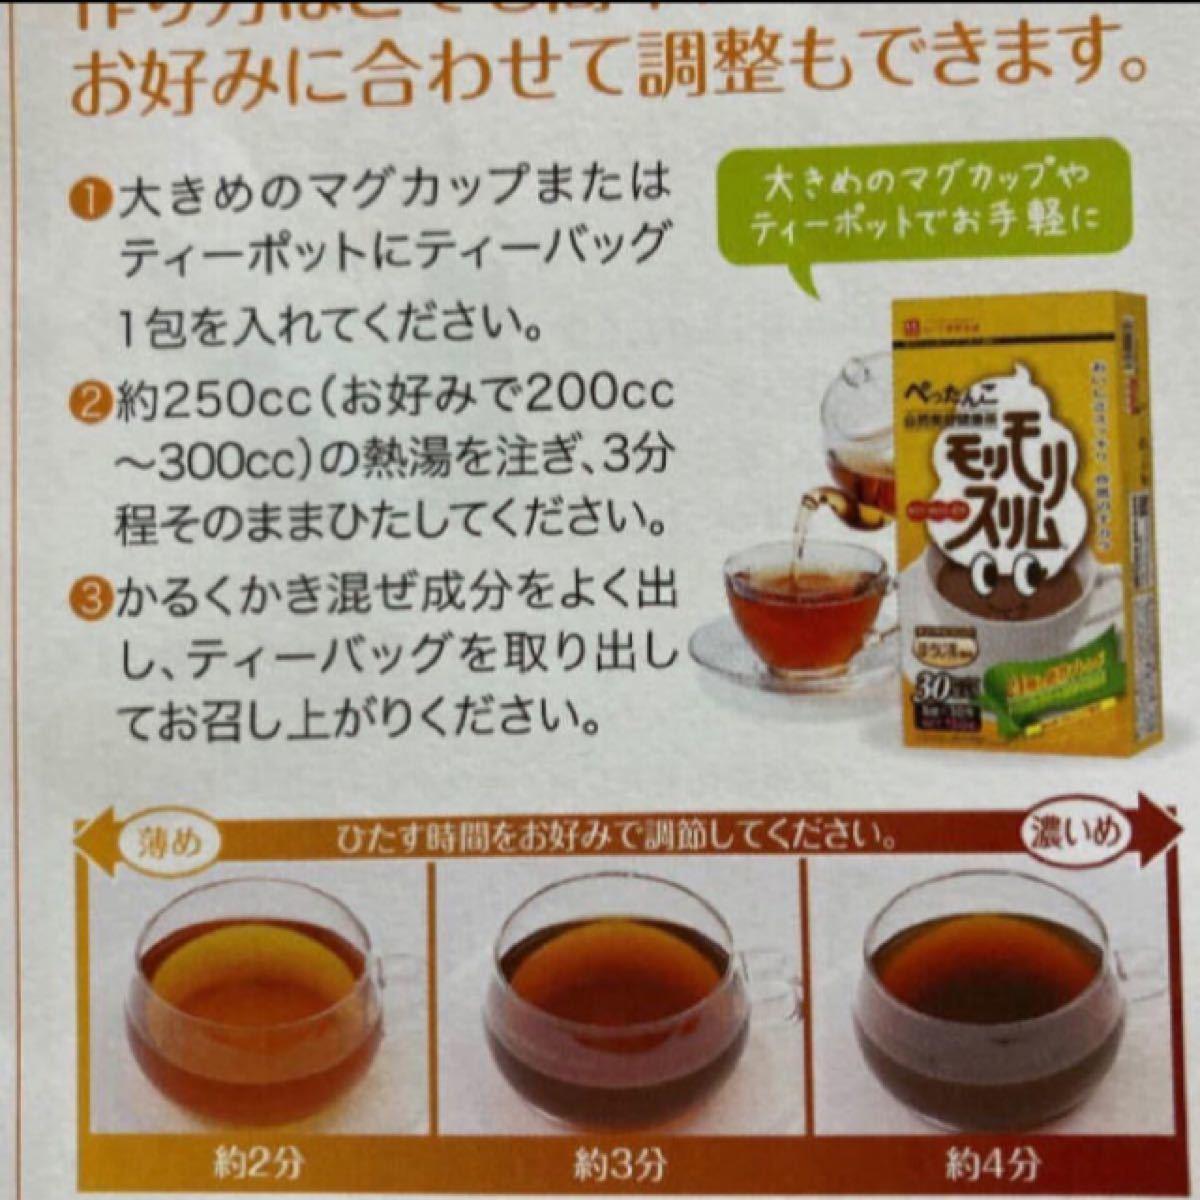 モリモリスリム  プーアル茶風味 バラ売り 10包